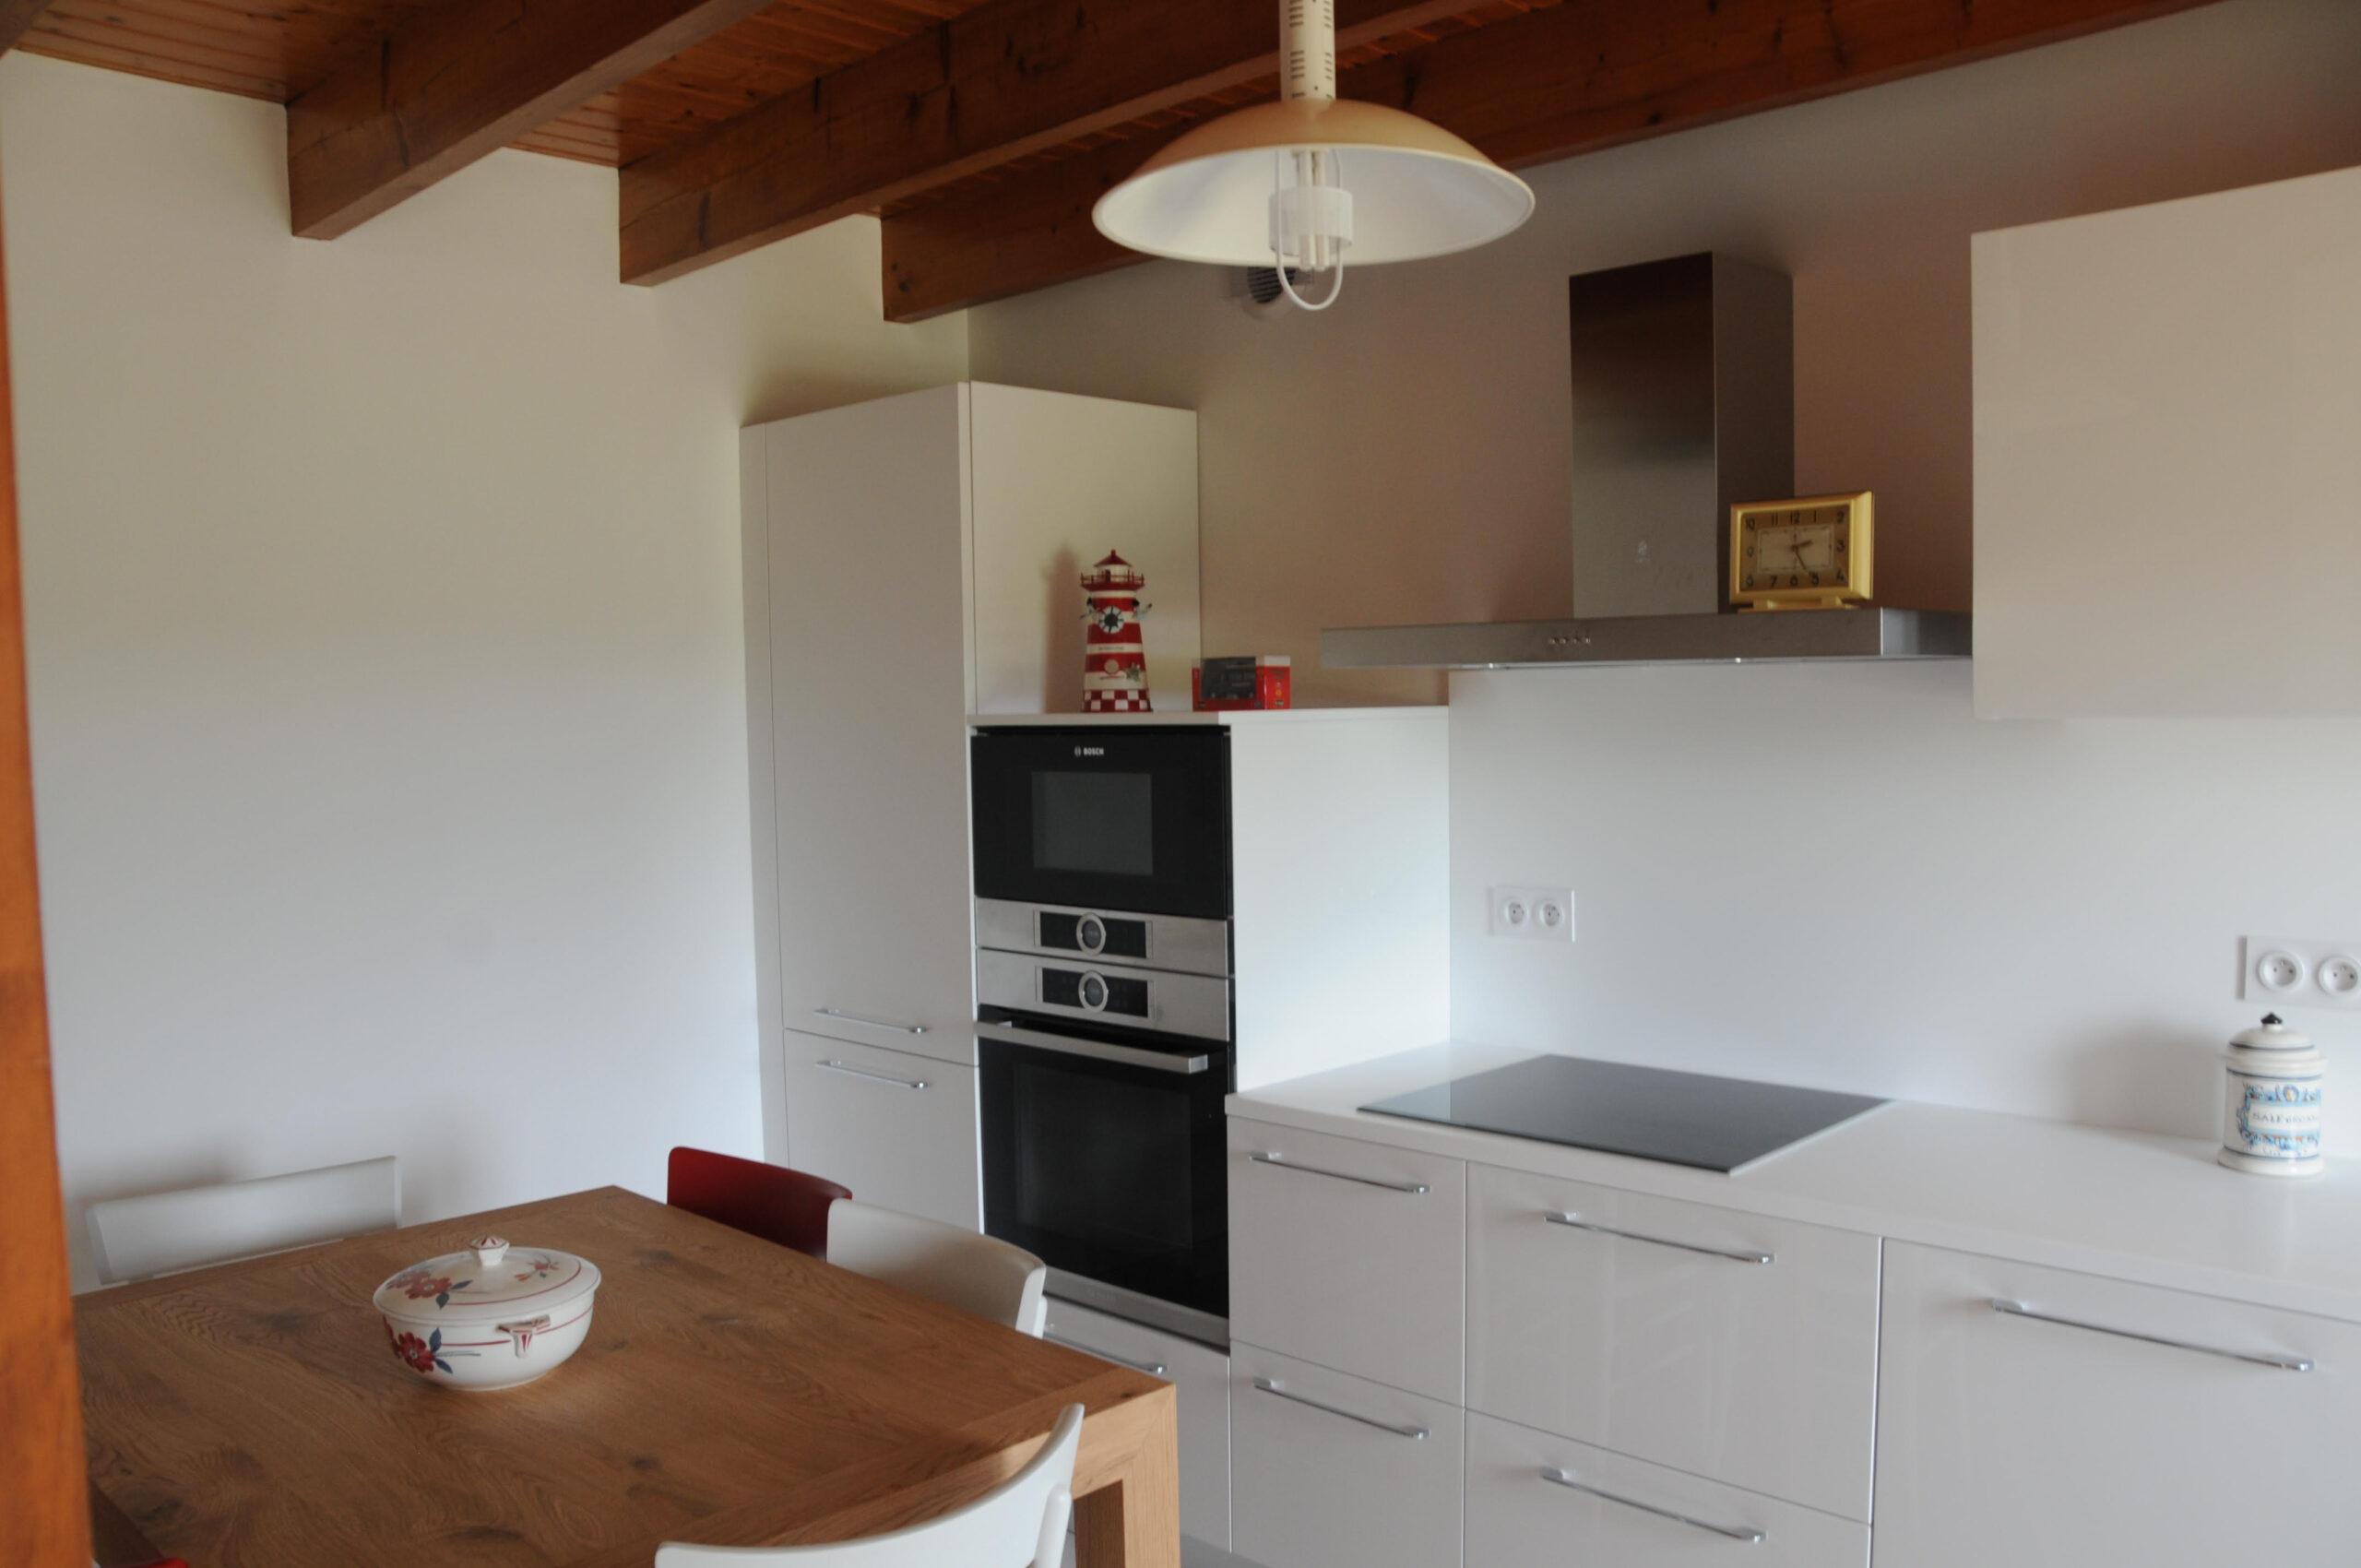 Cucine Bianche E Legno. Cucina Moderna Bianca E Legno With Cucine ...